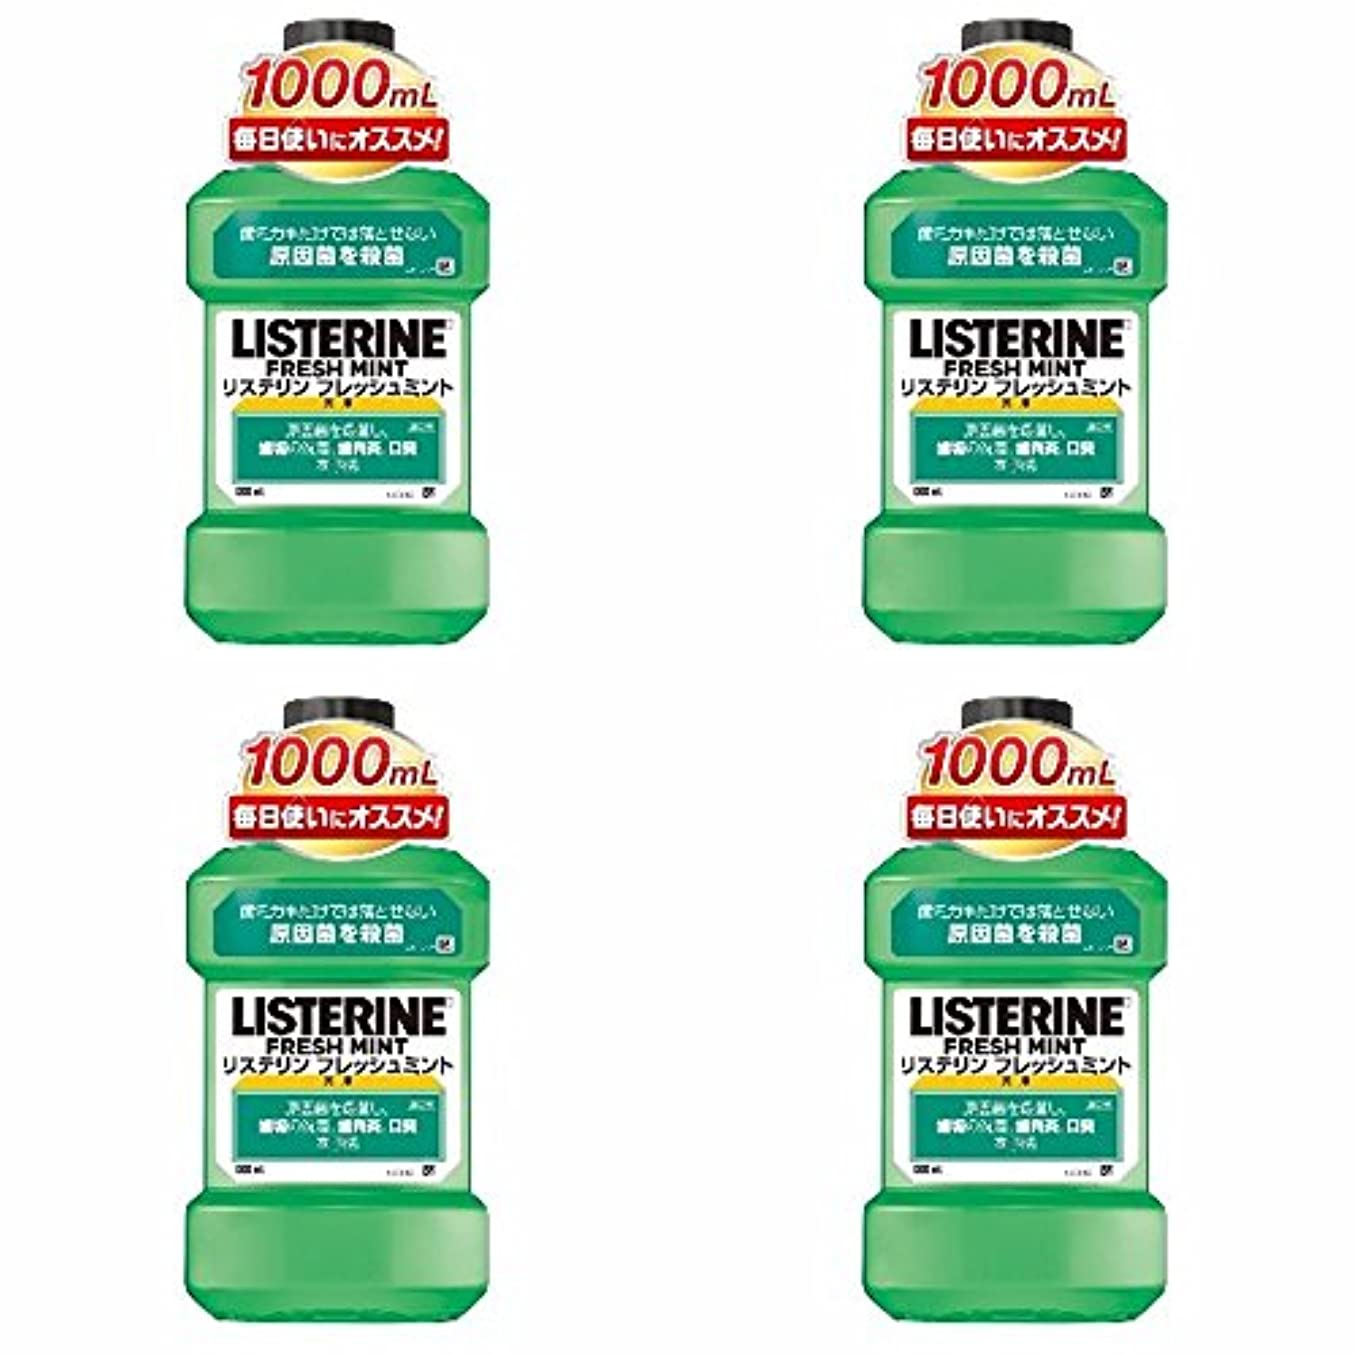 ゴム記憶困った【まとめ買い】薬用 LISTERINE リステリン フレッシュミント 1000ml×4個